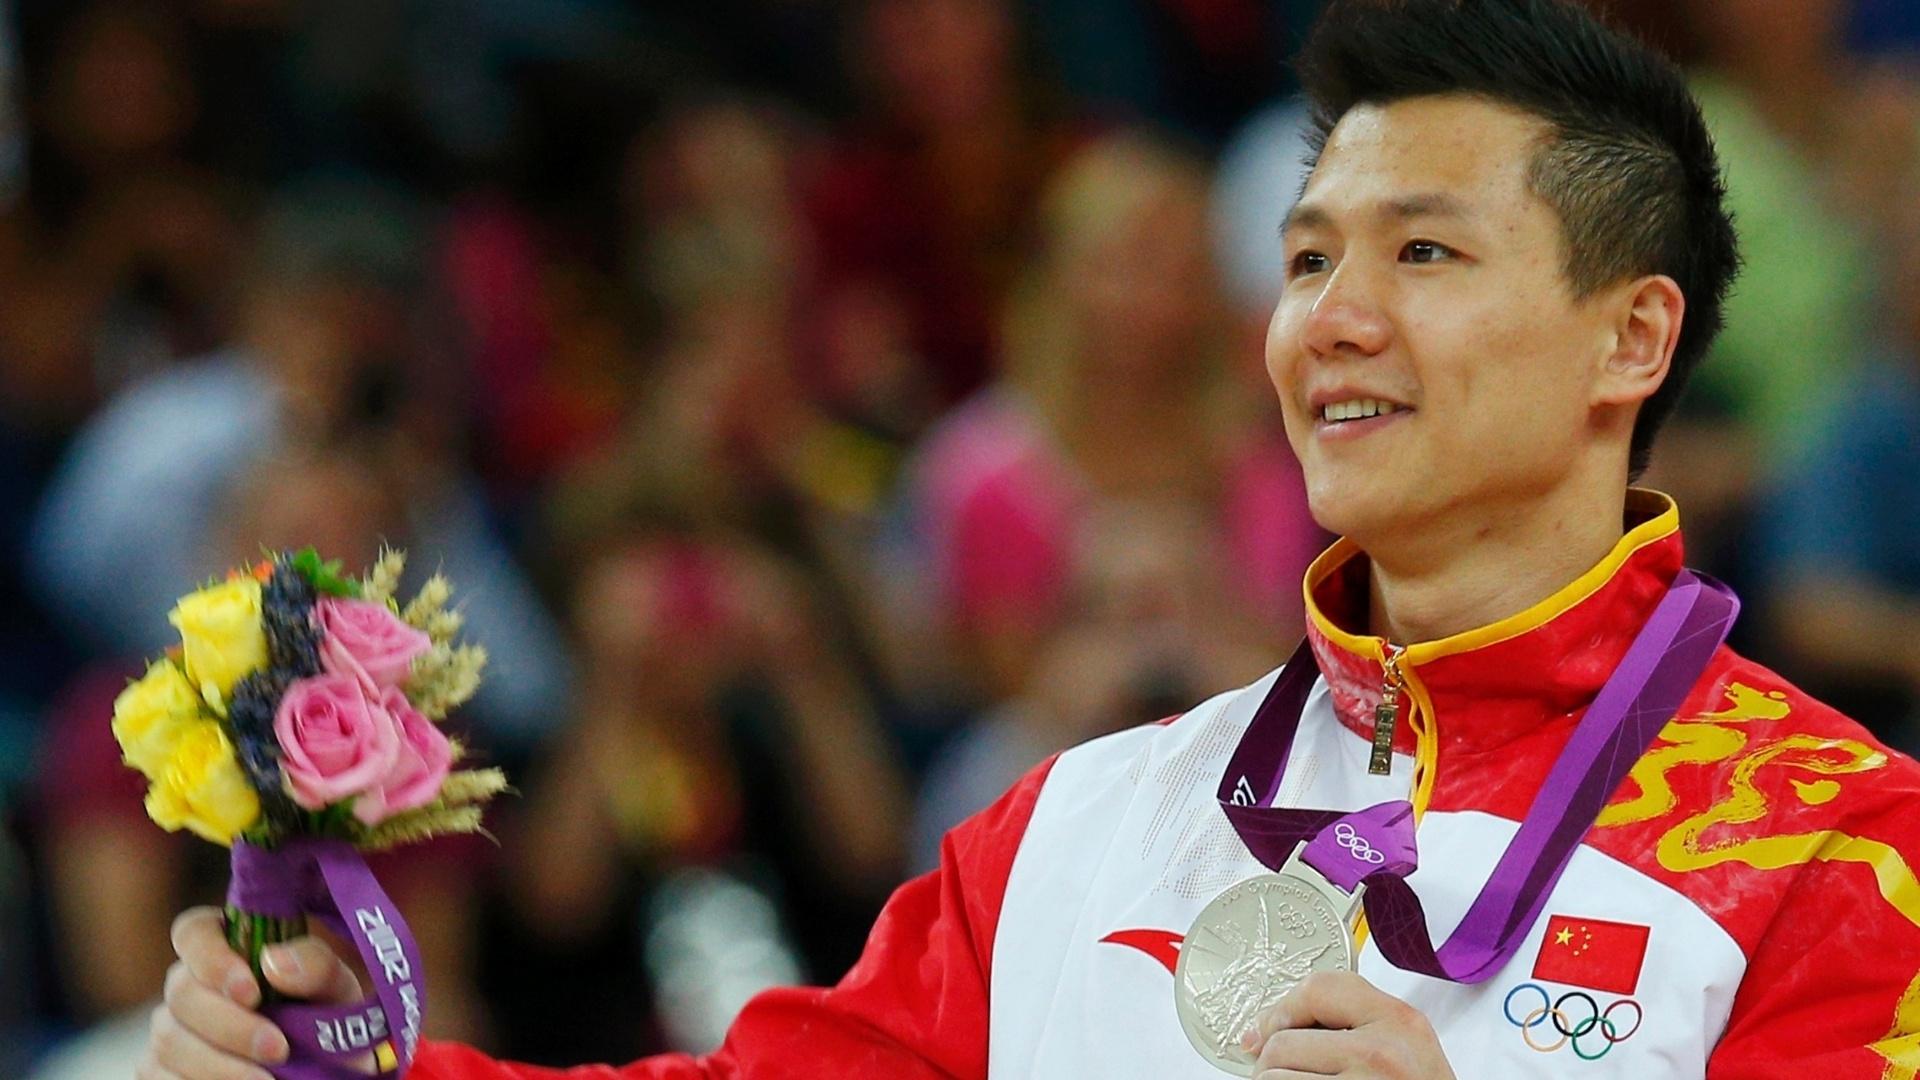 Chinês Yibing Chen mostra a medalha de prata conquistada por ele na final de argolas em que Arthur Zanetti ficou com o ouro